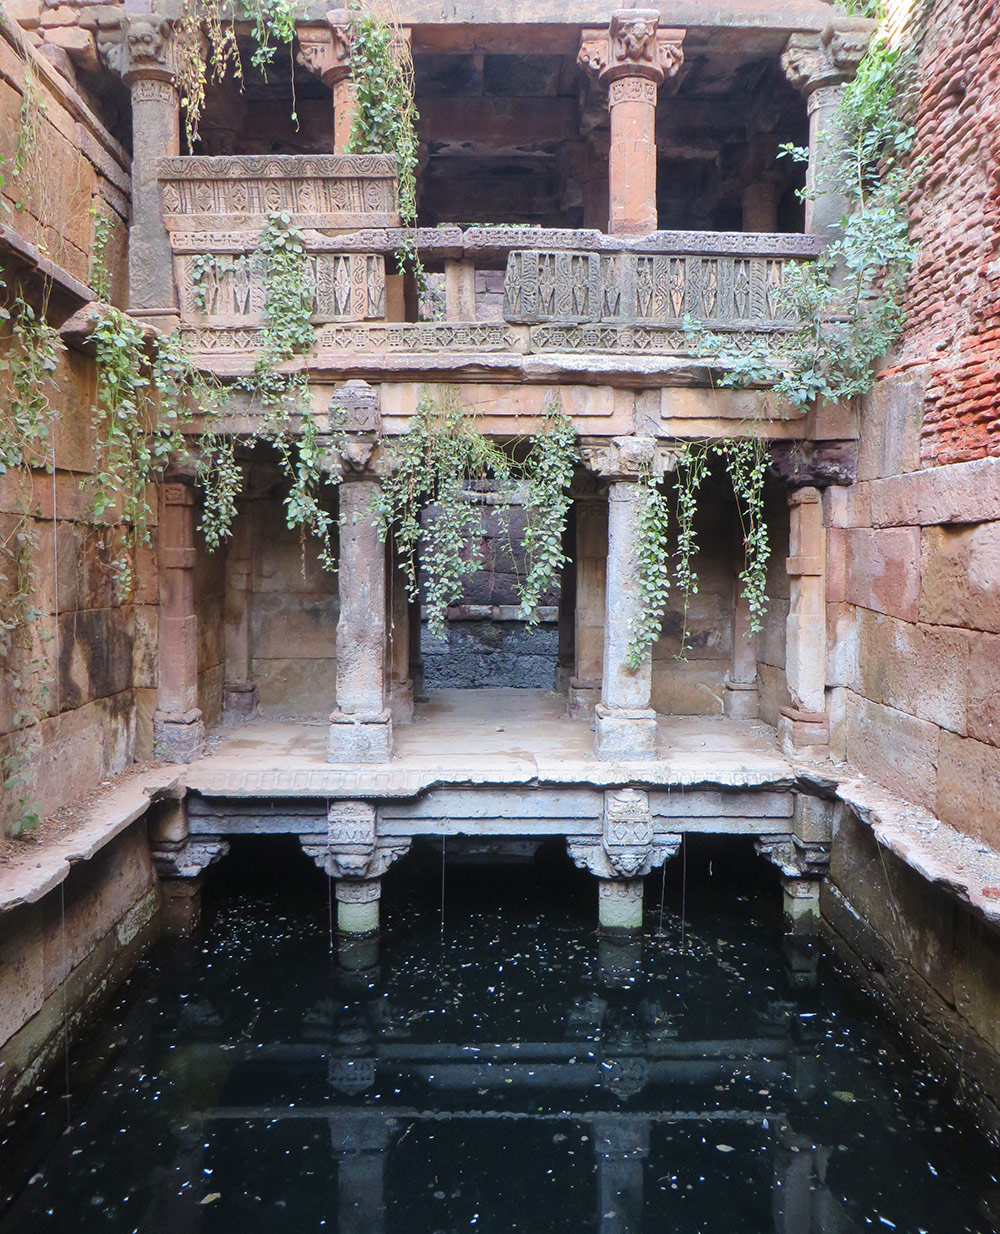 Batris Kotha Vav. Kaoadvanj, Gujarat c. 1120.